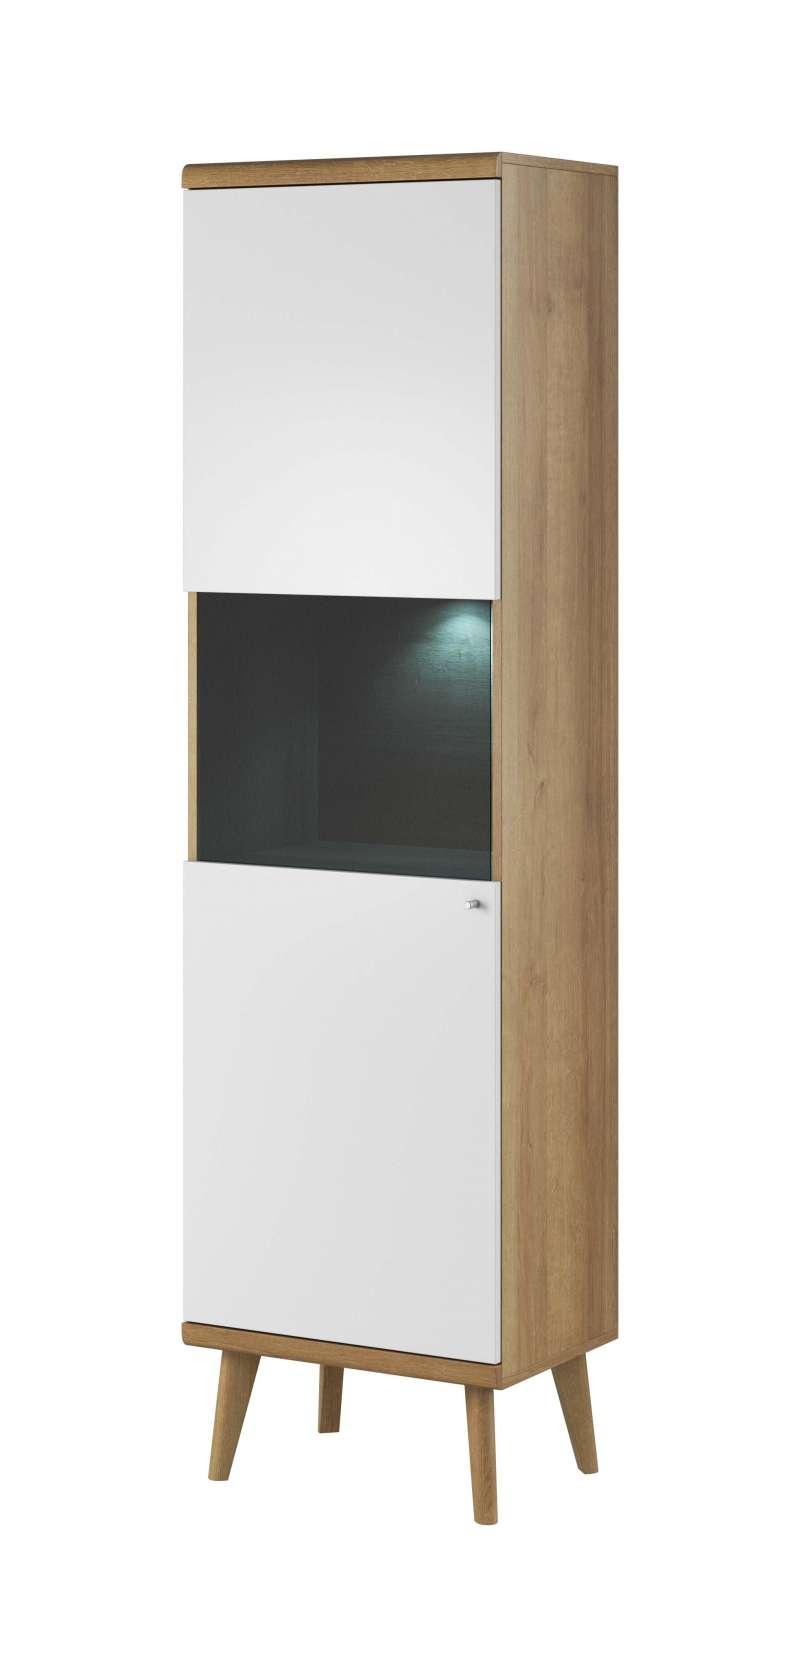 Vitrină înaltă cu uși Andera, 197x50x40 cm, pal/ mdf/ sticla/ lemn de stejar/ aluminiu, maro/ alb poza